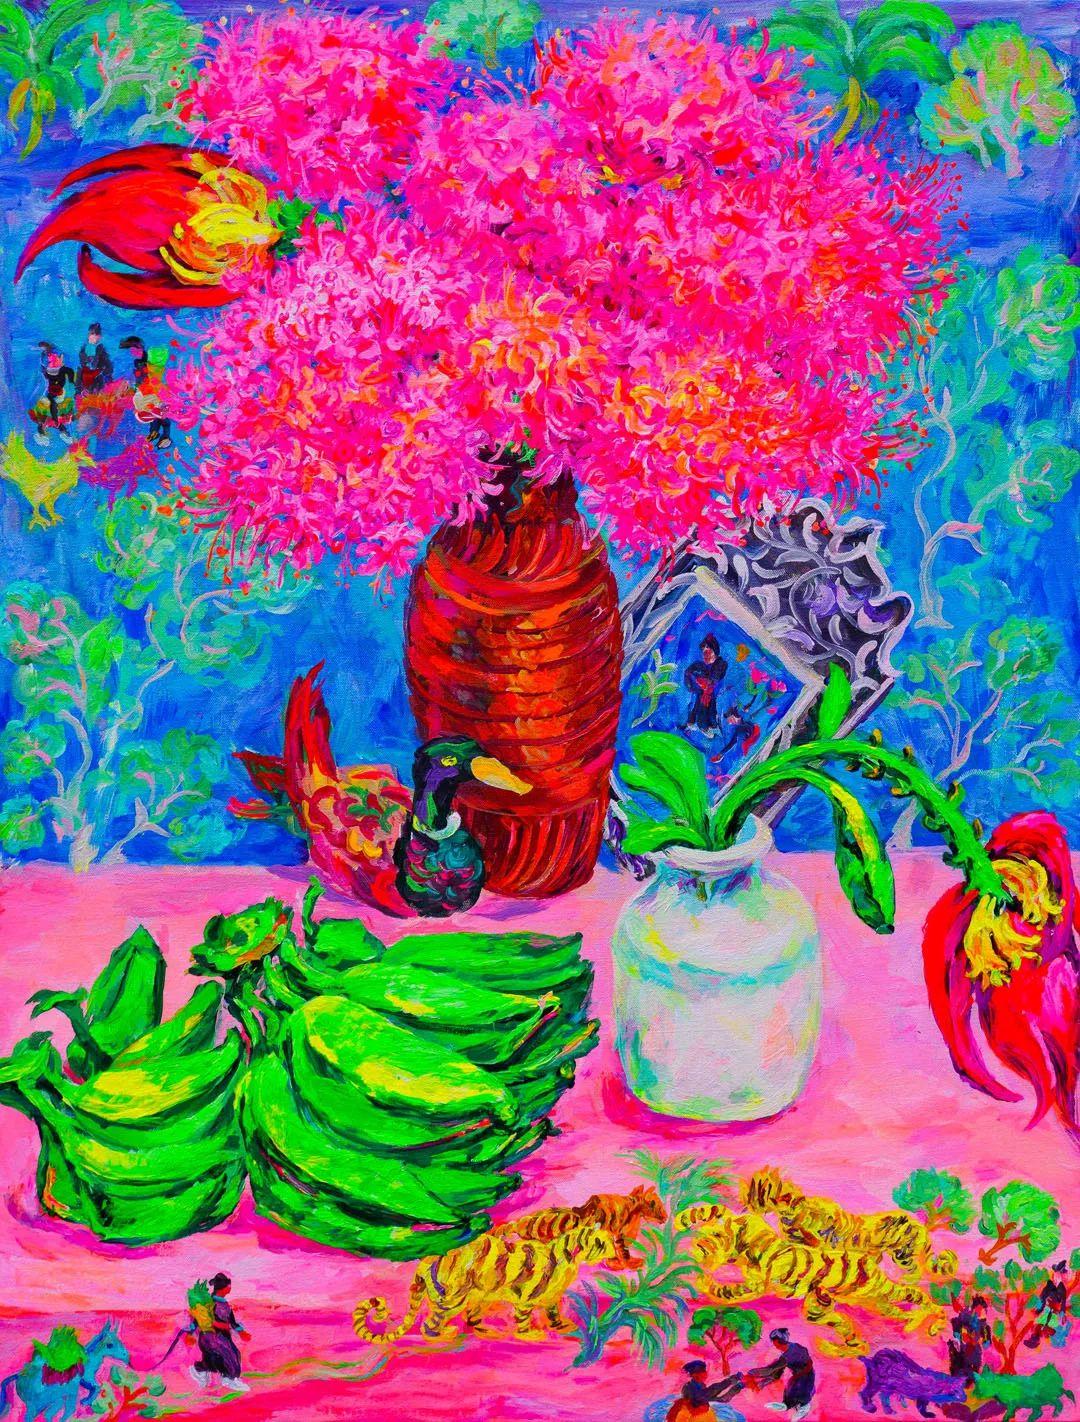 中国当代绘画艺术展作品欣赏之 卢云插图5